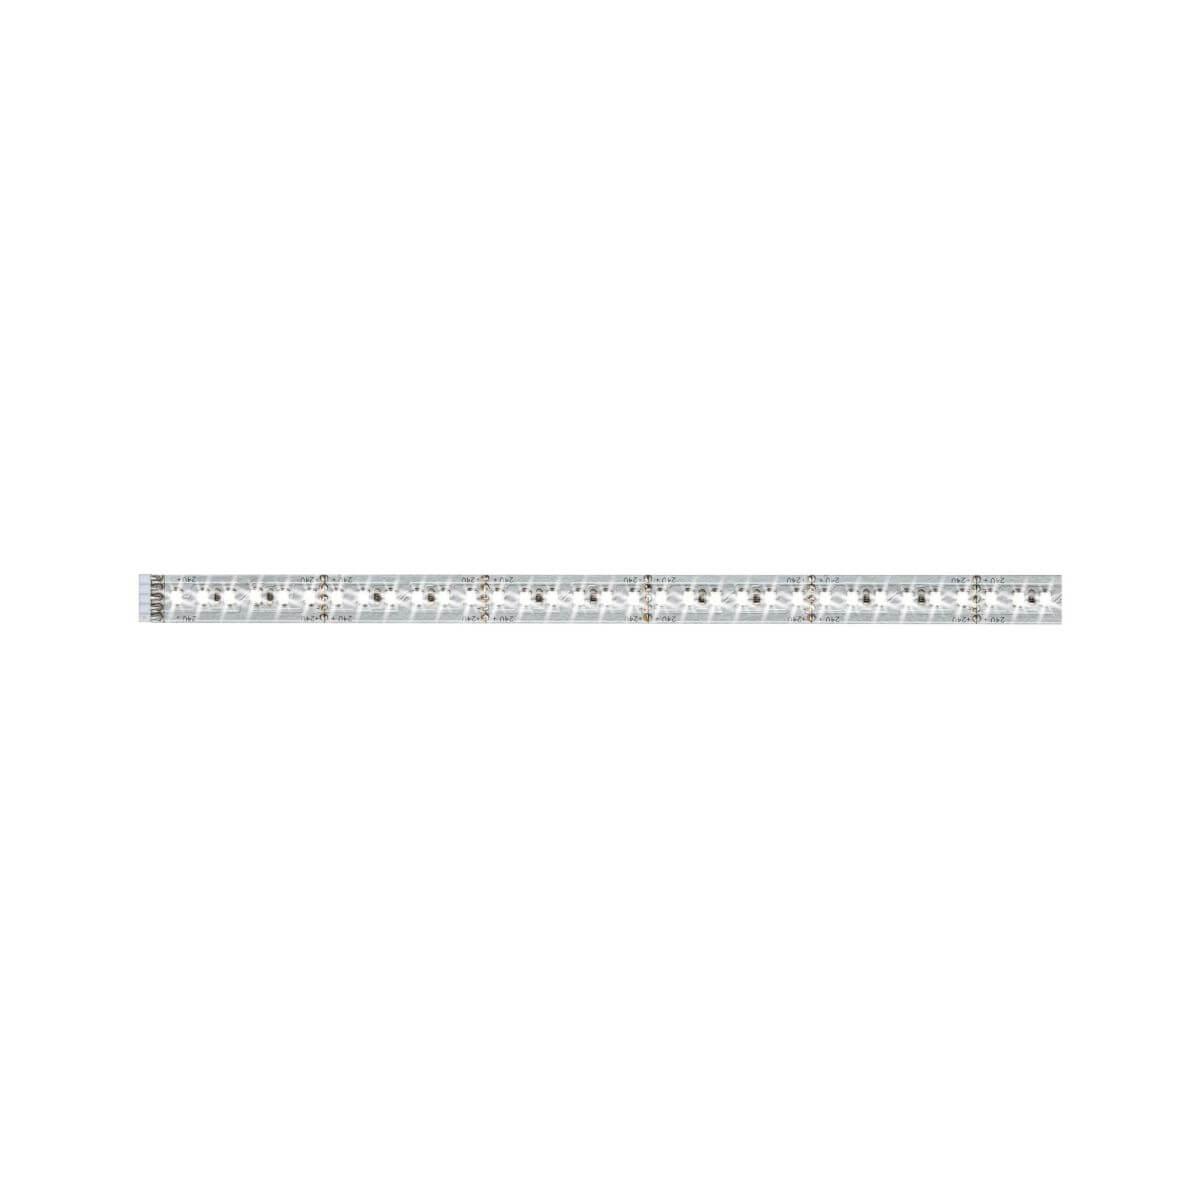 Paulmann MaxLED 1000 Strip 1 m Tageslichtweiß unbeschichtet